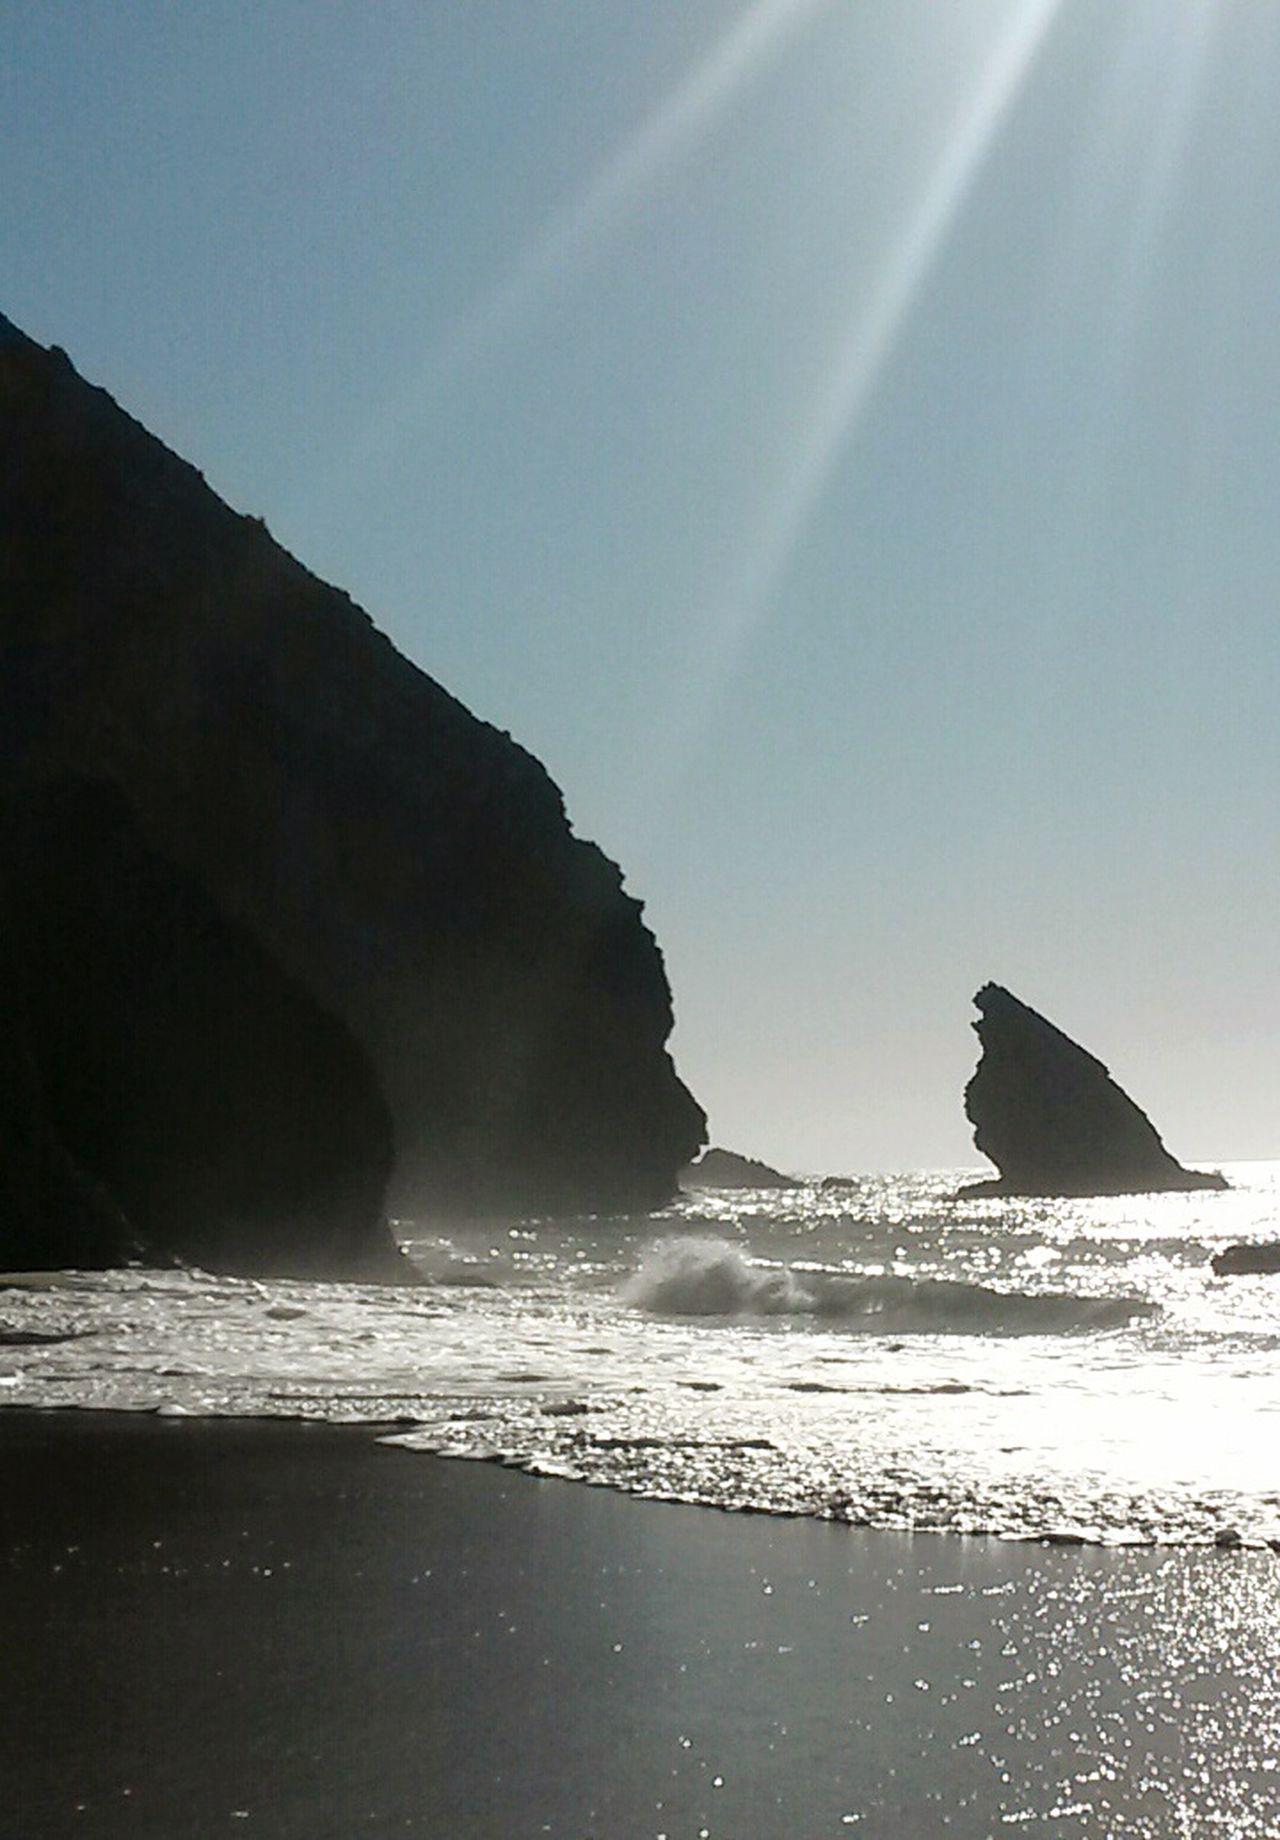 Adraga Beach Adraga Praia Praia Da Adraga Praiadaadraga Beach Coastline Coastlandscape Fog Foggy Day